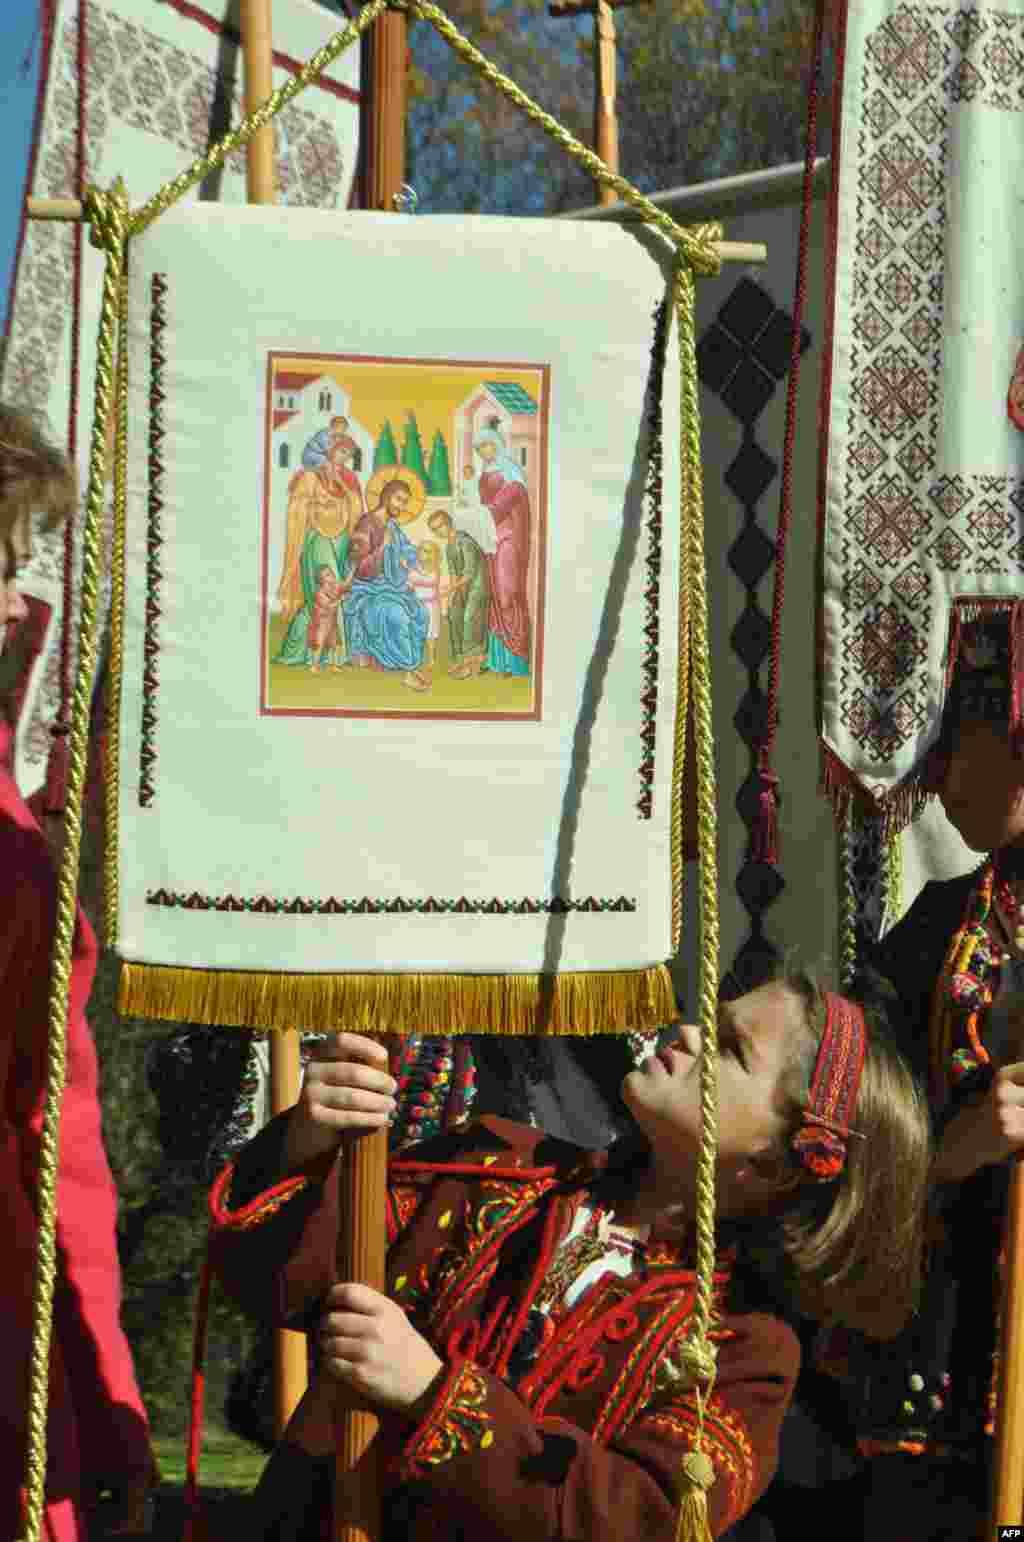 Українська церква Святої Трійці в околицях Вашингтона відзначила 30-ий ювілей